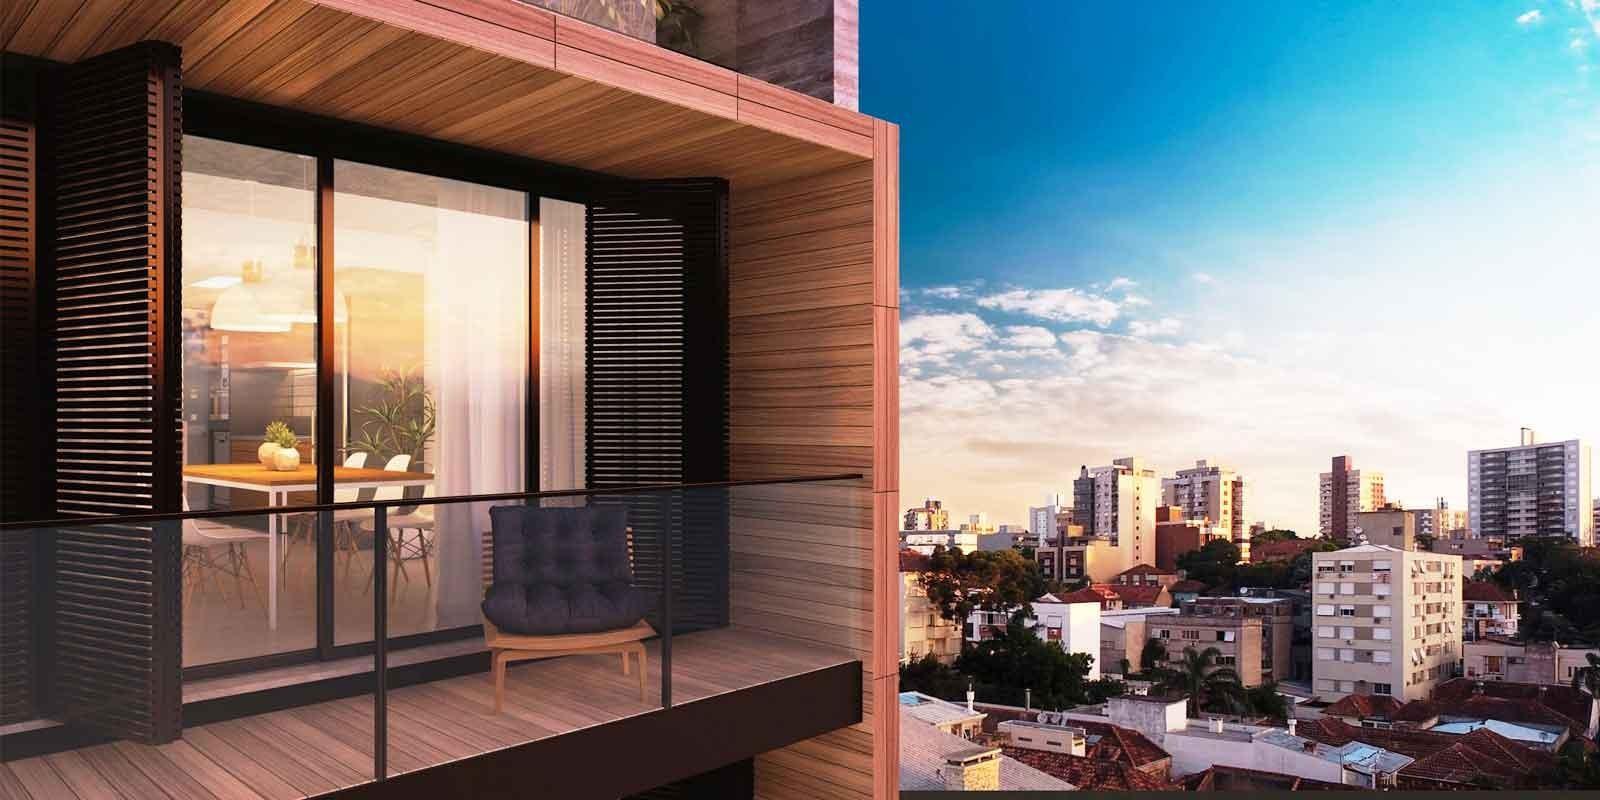 TPS Imóveis apresenta Apartamentos com 1 ou 2 suítes com piscina na cobertura